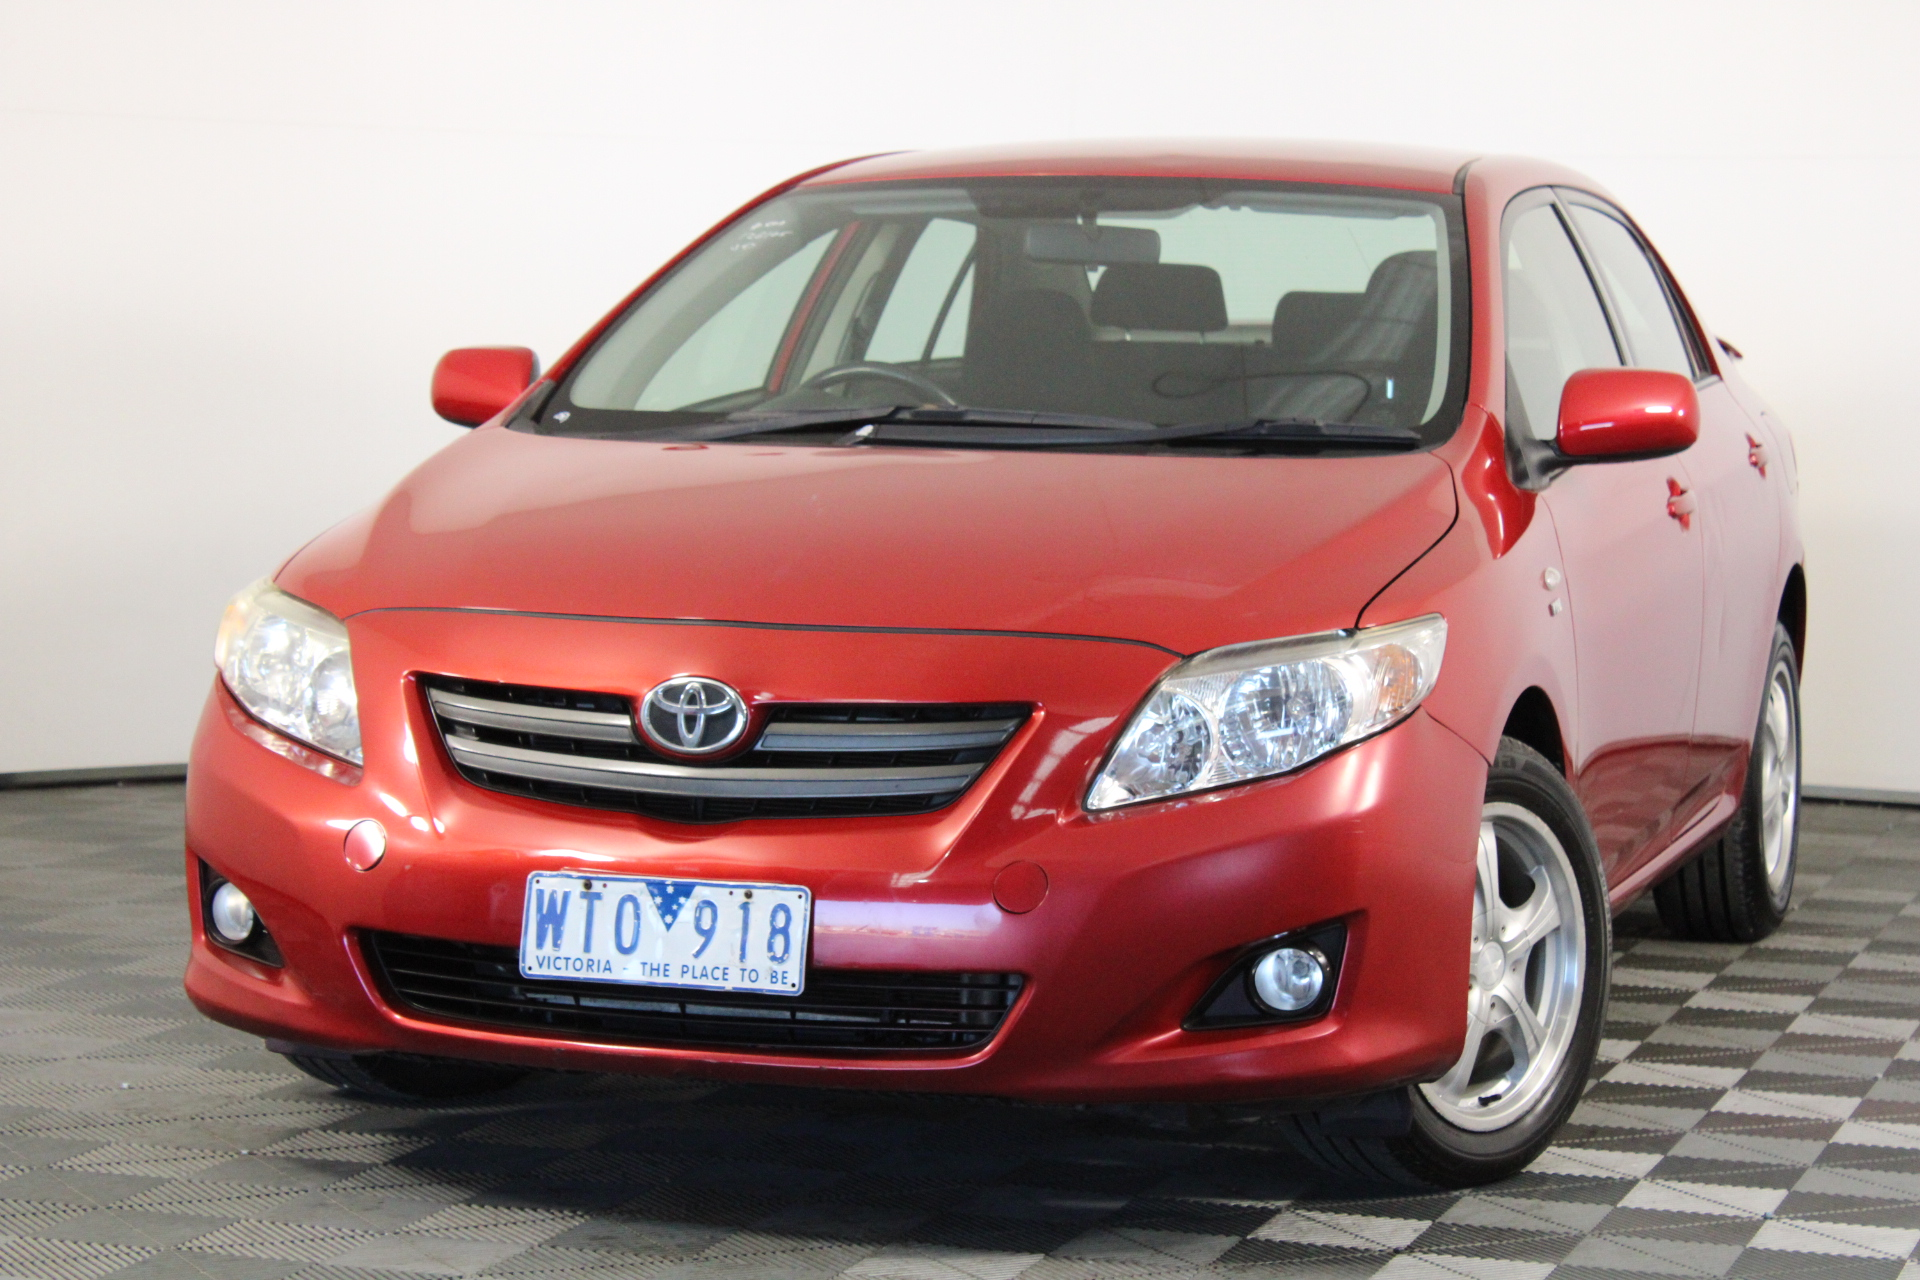 2008 Toyota Corolla Conquest ZRE152R Auto Sedan RWC issued 27/08/2020